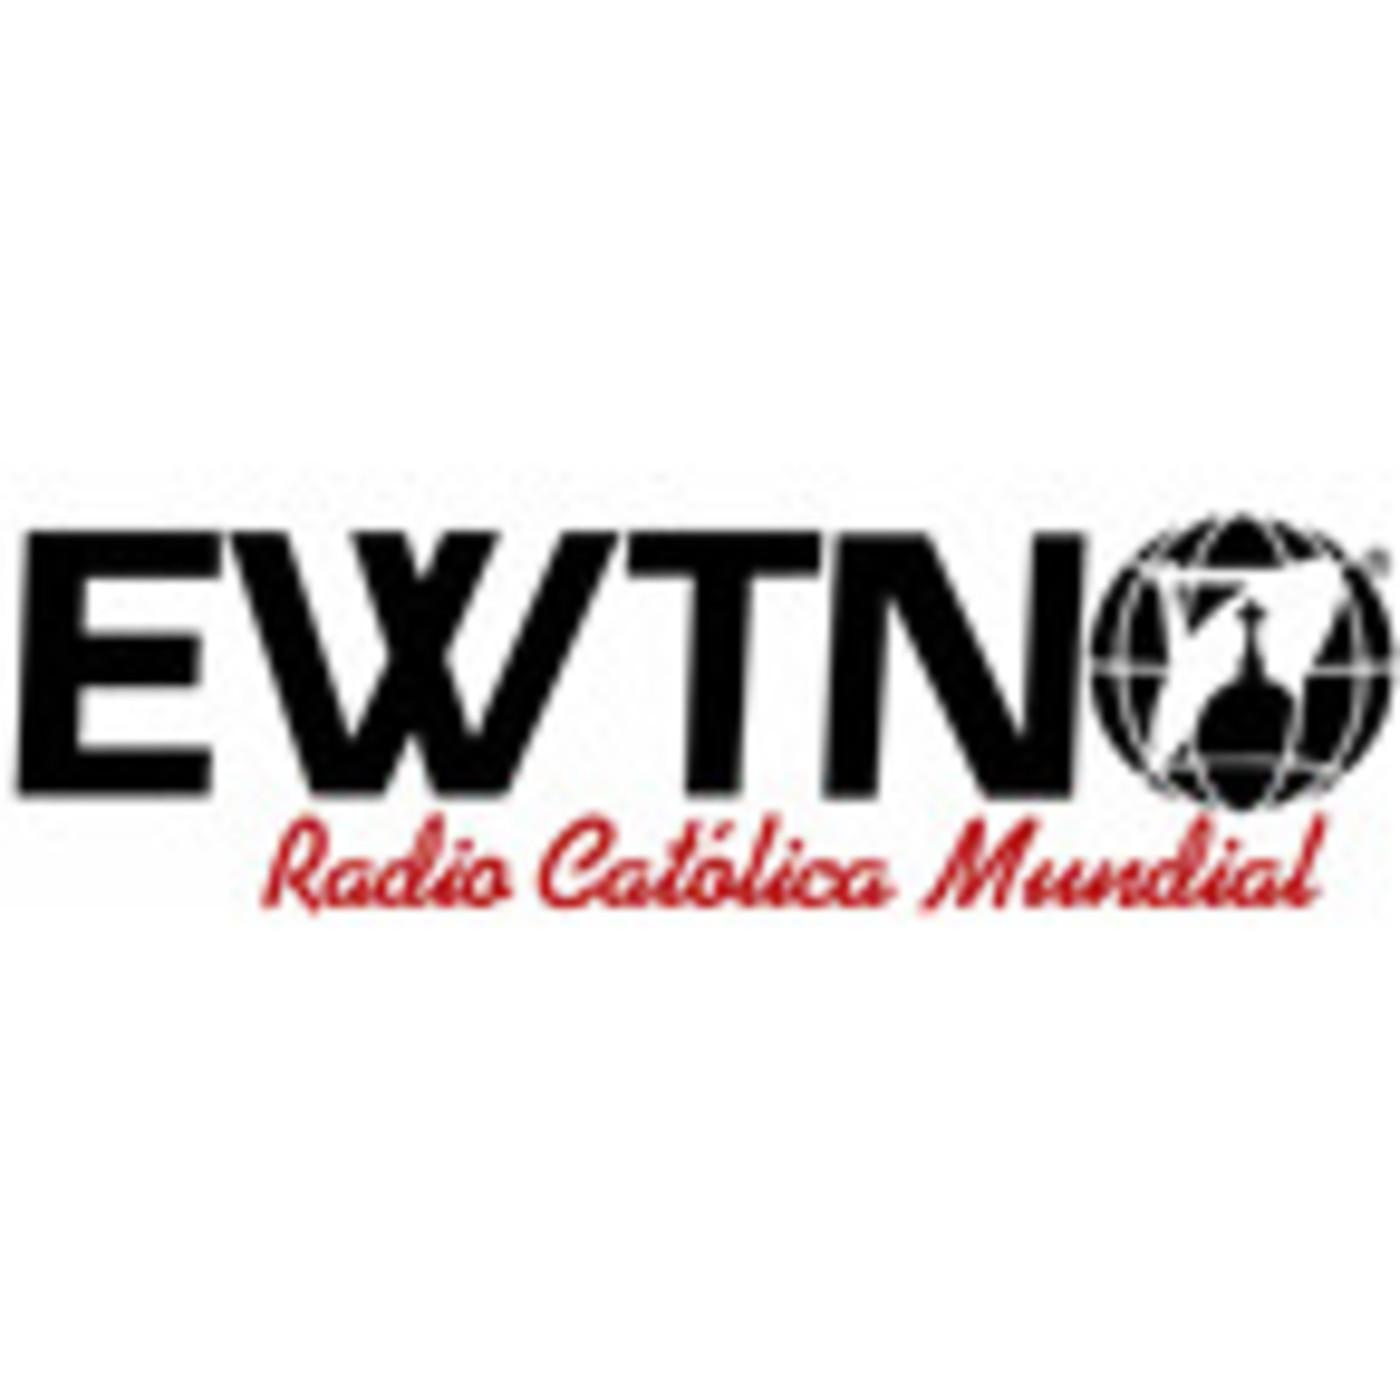 Radio Catolica Mundial